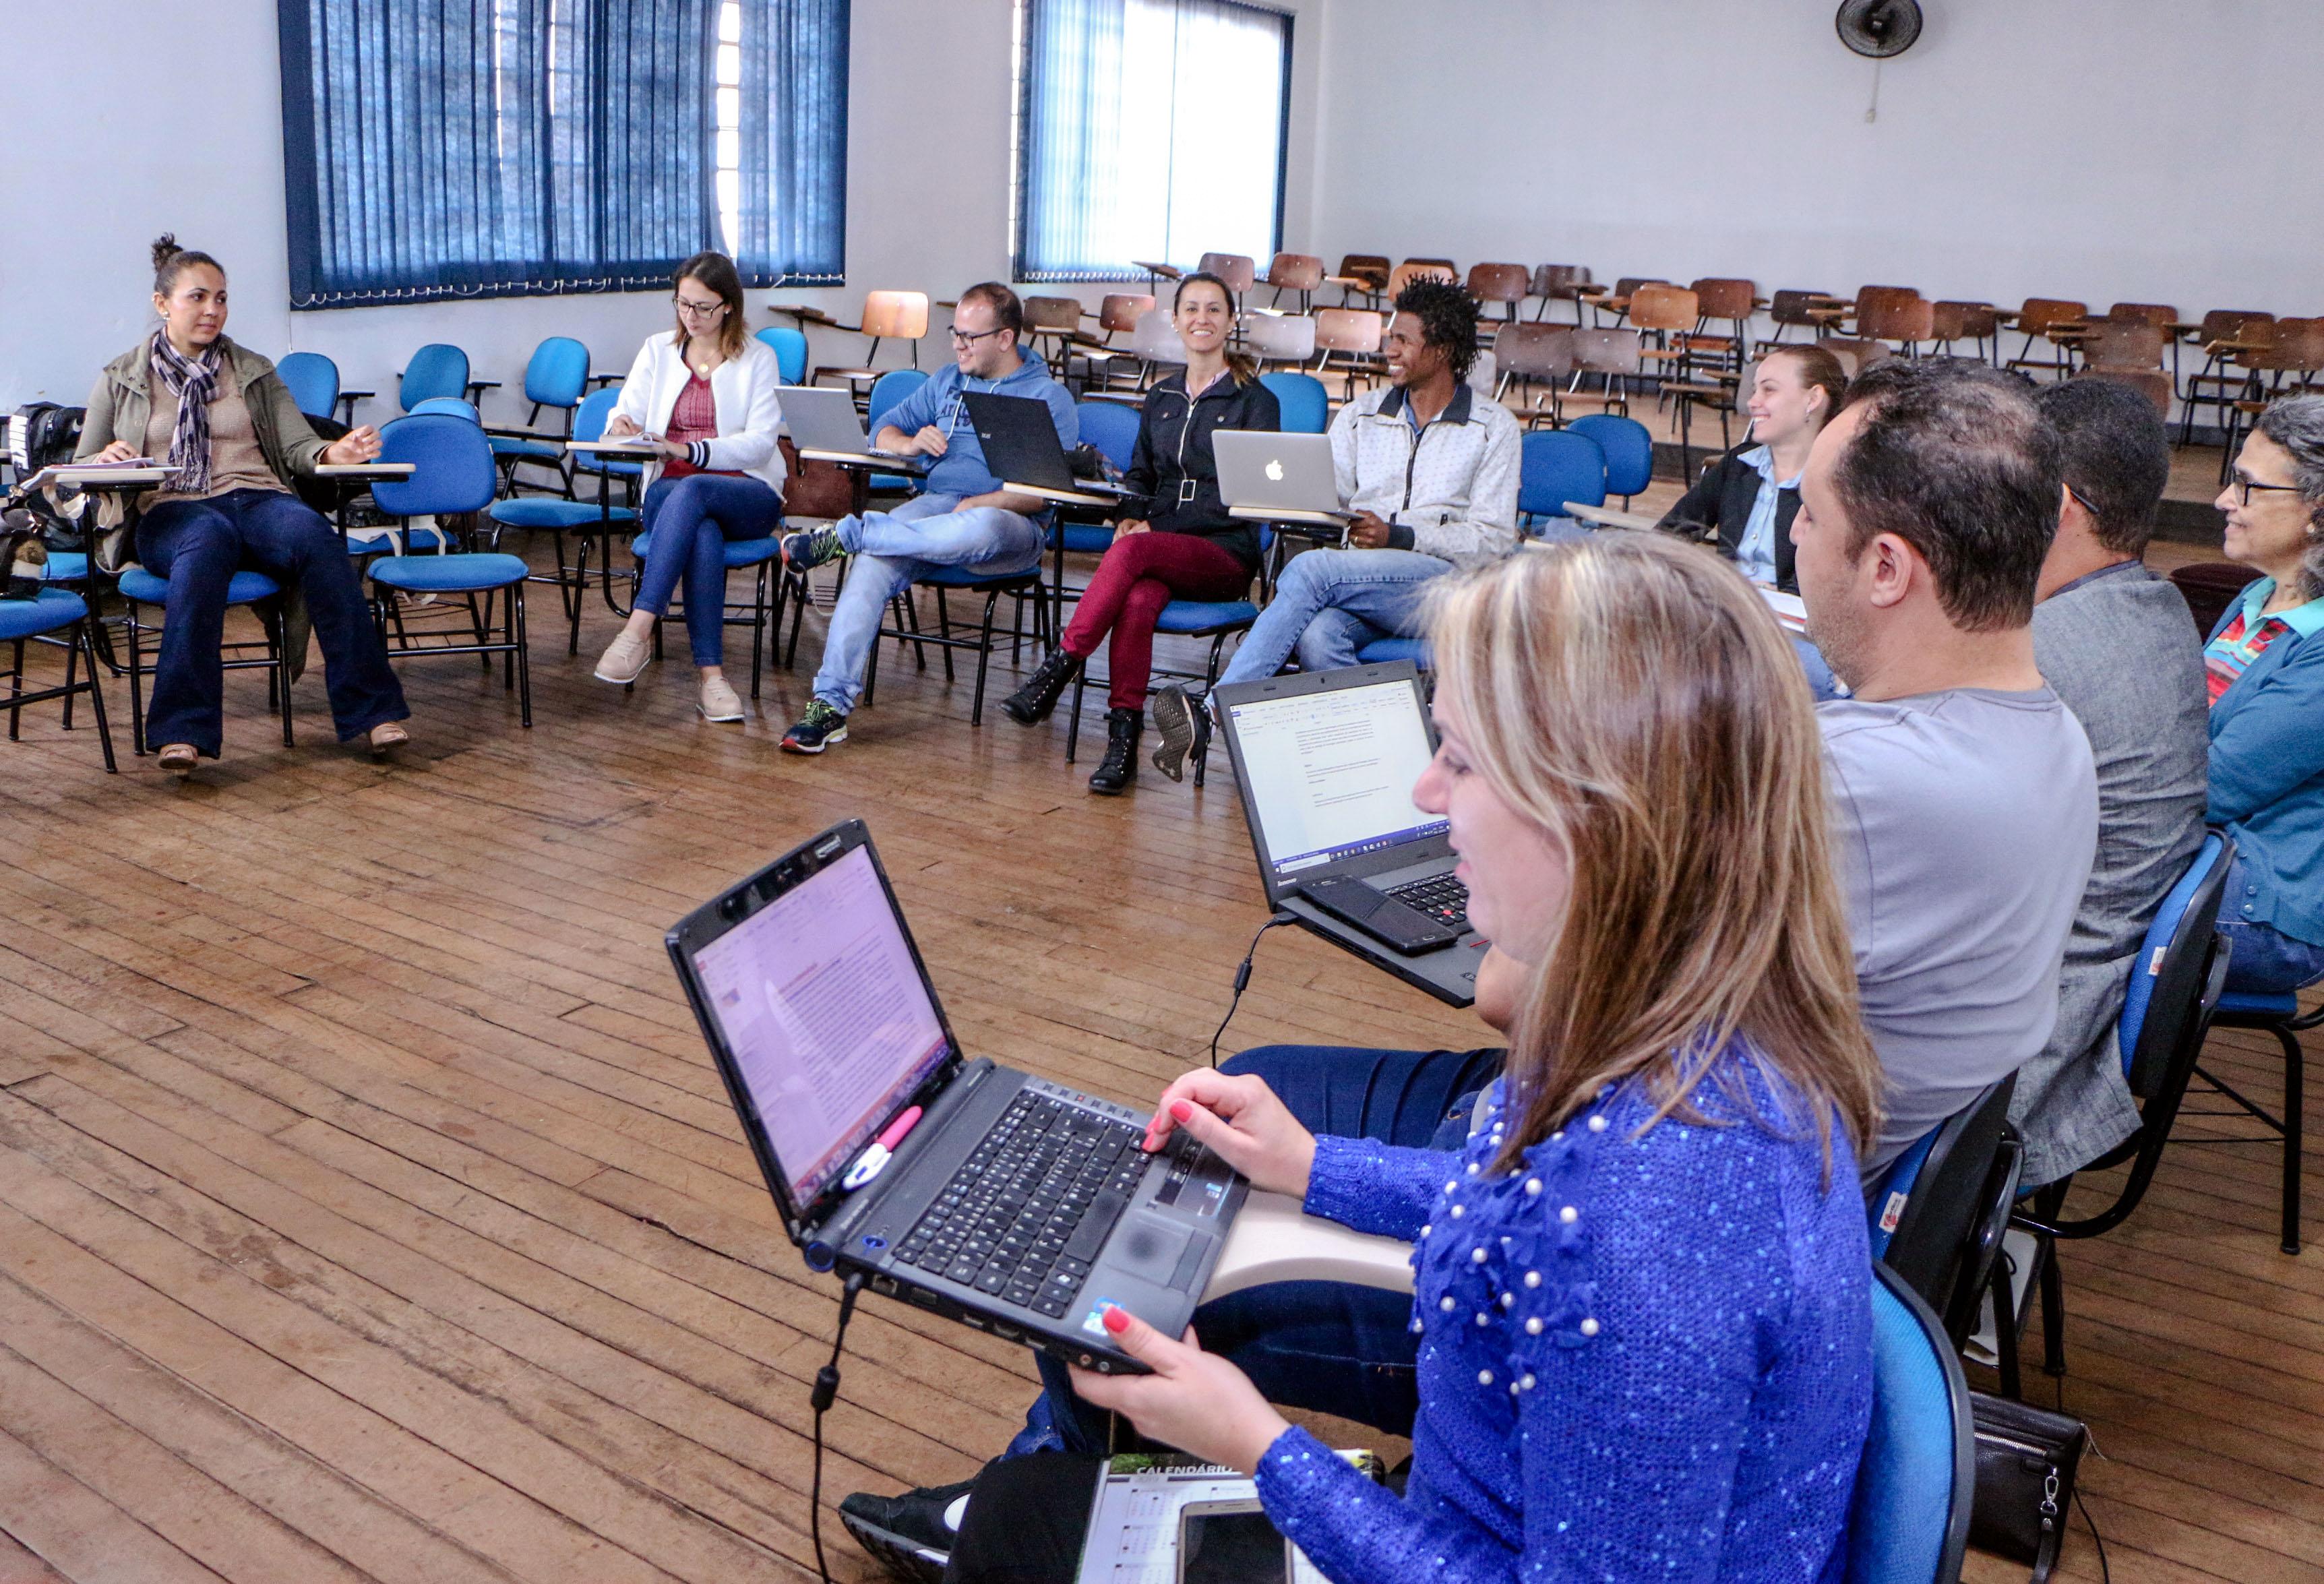 Polo UAB realiza encontro presencial com acadêmicos da Fiocruz